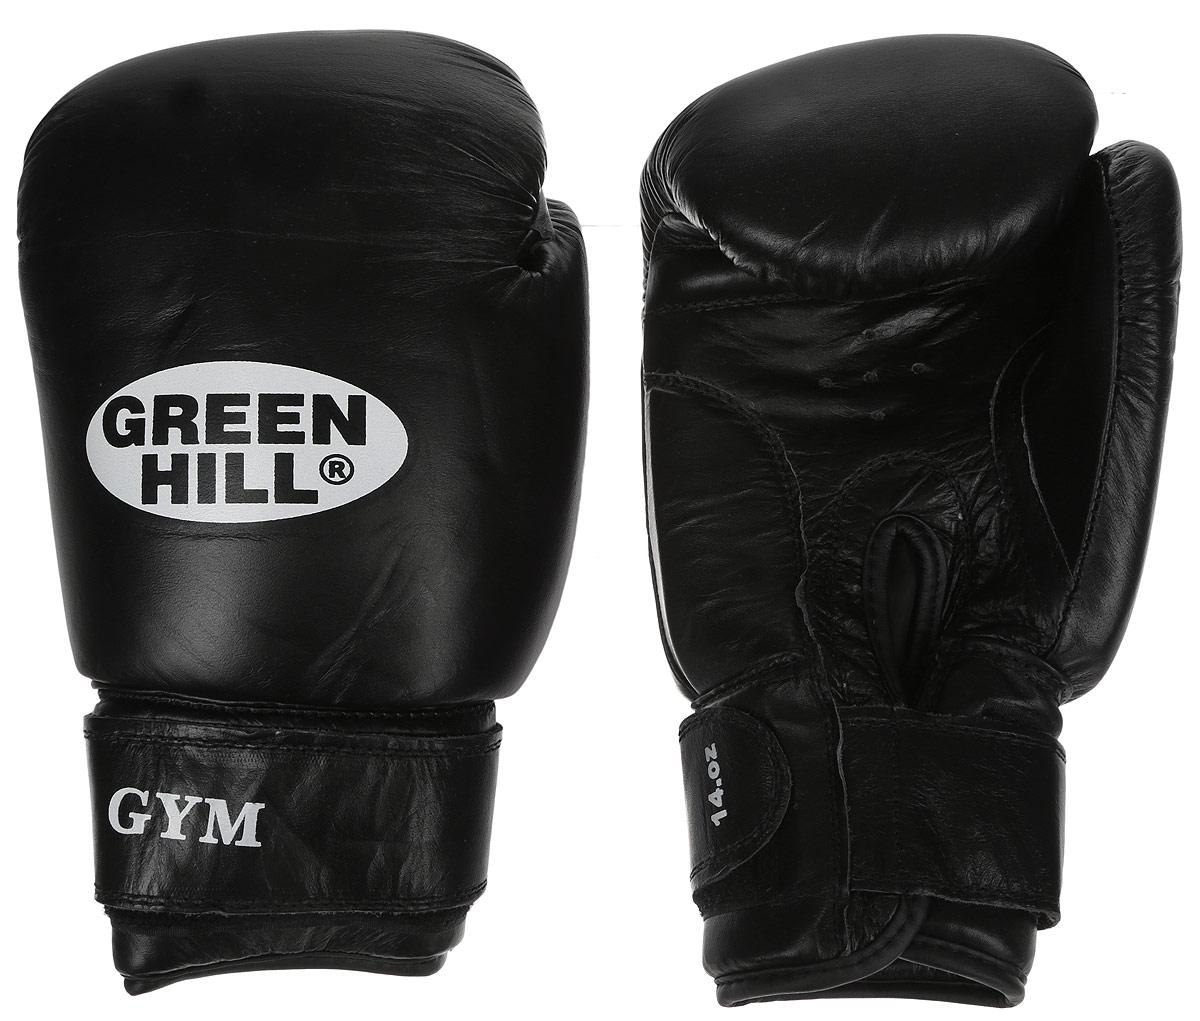 Перчатки боксерские Green Hill Gym, цвет: черный, белый. Вес 14 унцийG-2018314Боксерские перчатки Green Hill Gym подходят для всех видов единоборств где применяют перчатки. Подойдет как для бокса, так и для кикбоксинга. Новички и профессионалы высоко ценят эту модель за универсальность. Верхняя часть перчатки выполнена из натуральной кожи, наполнитель - пенополиуретан. Перфорированная поверхность в области ладони позволяет создать максимально комфортный терморежим во время занятий. Закрепляется на руке при помощи липучки.